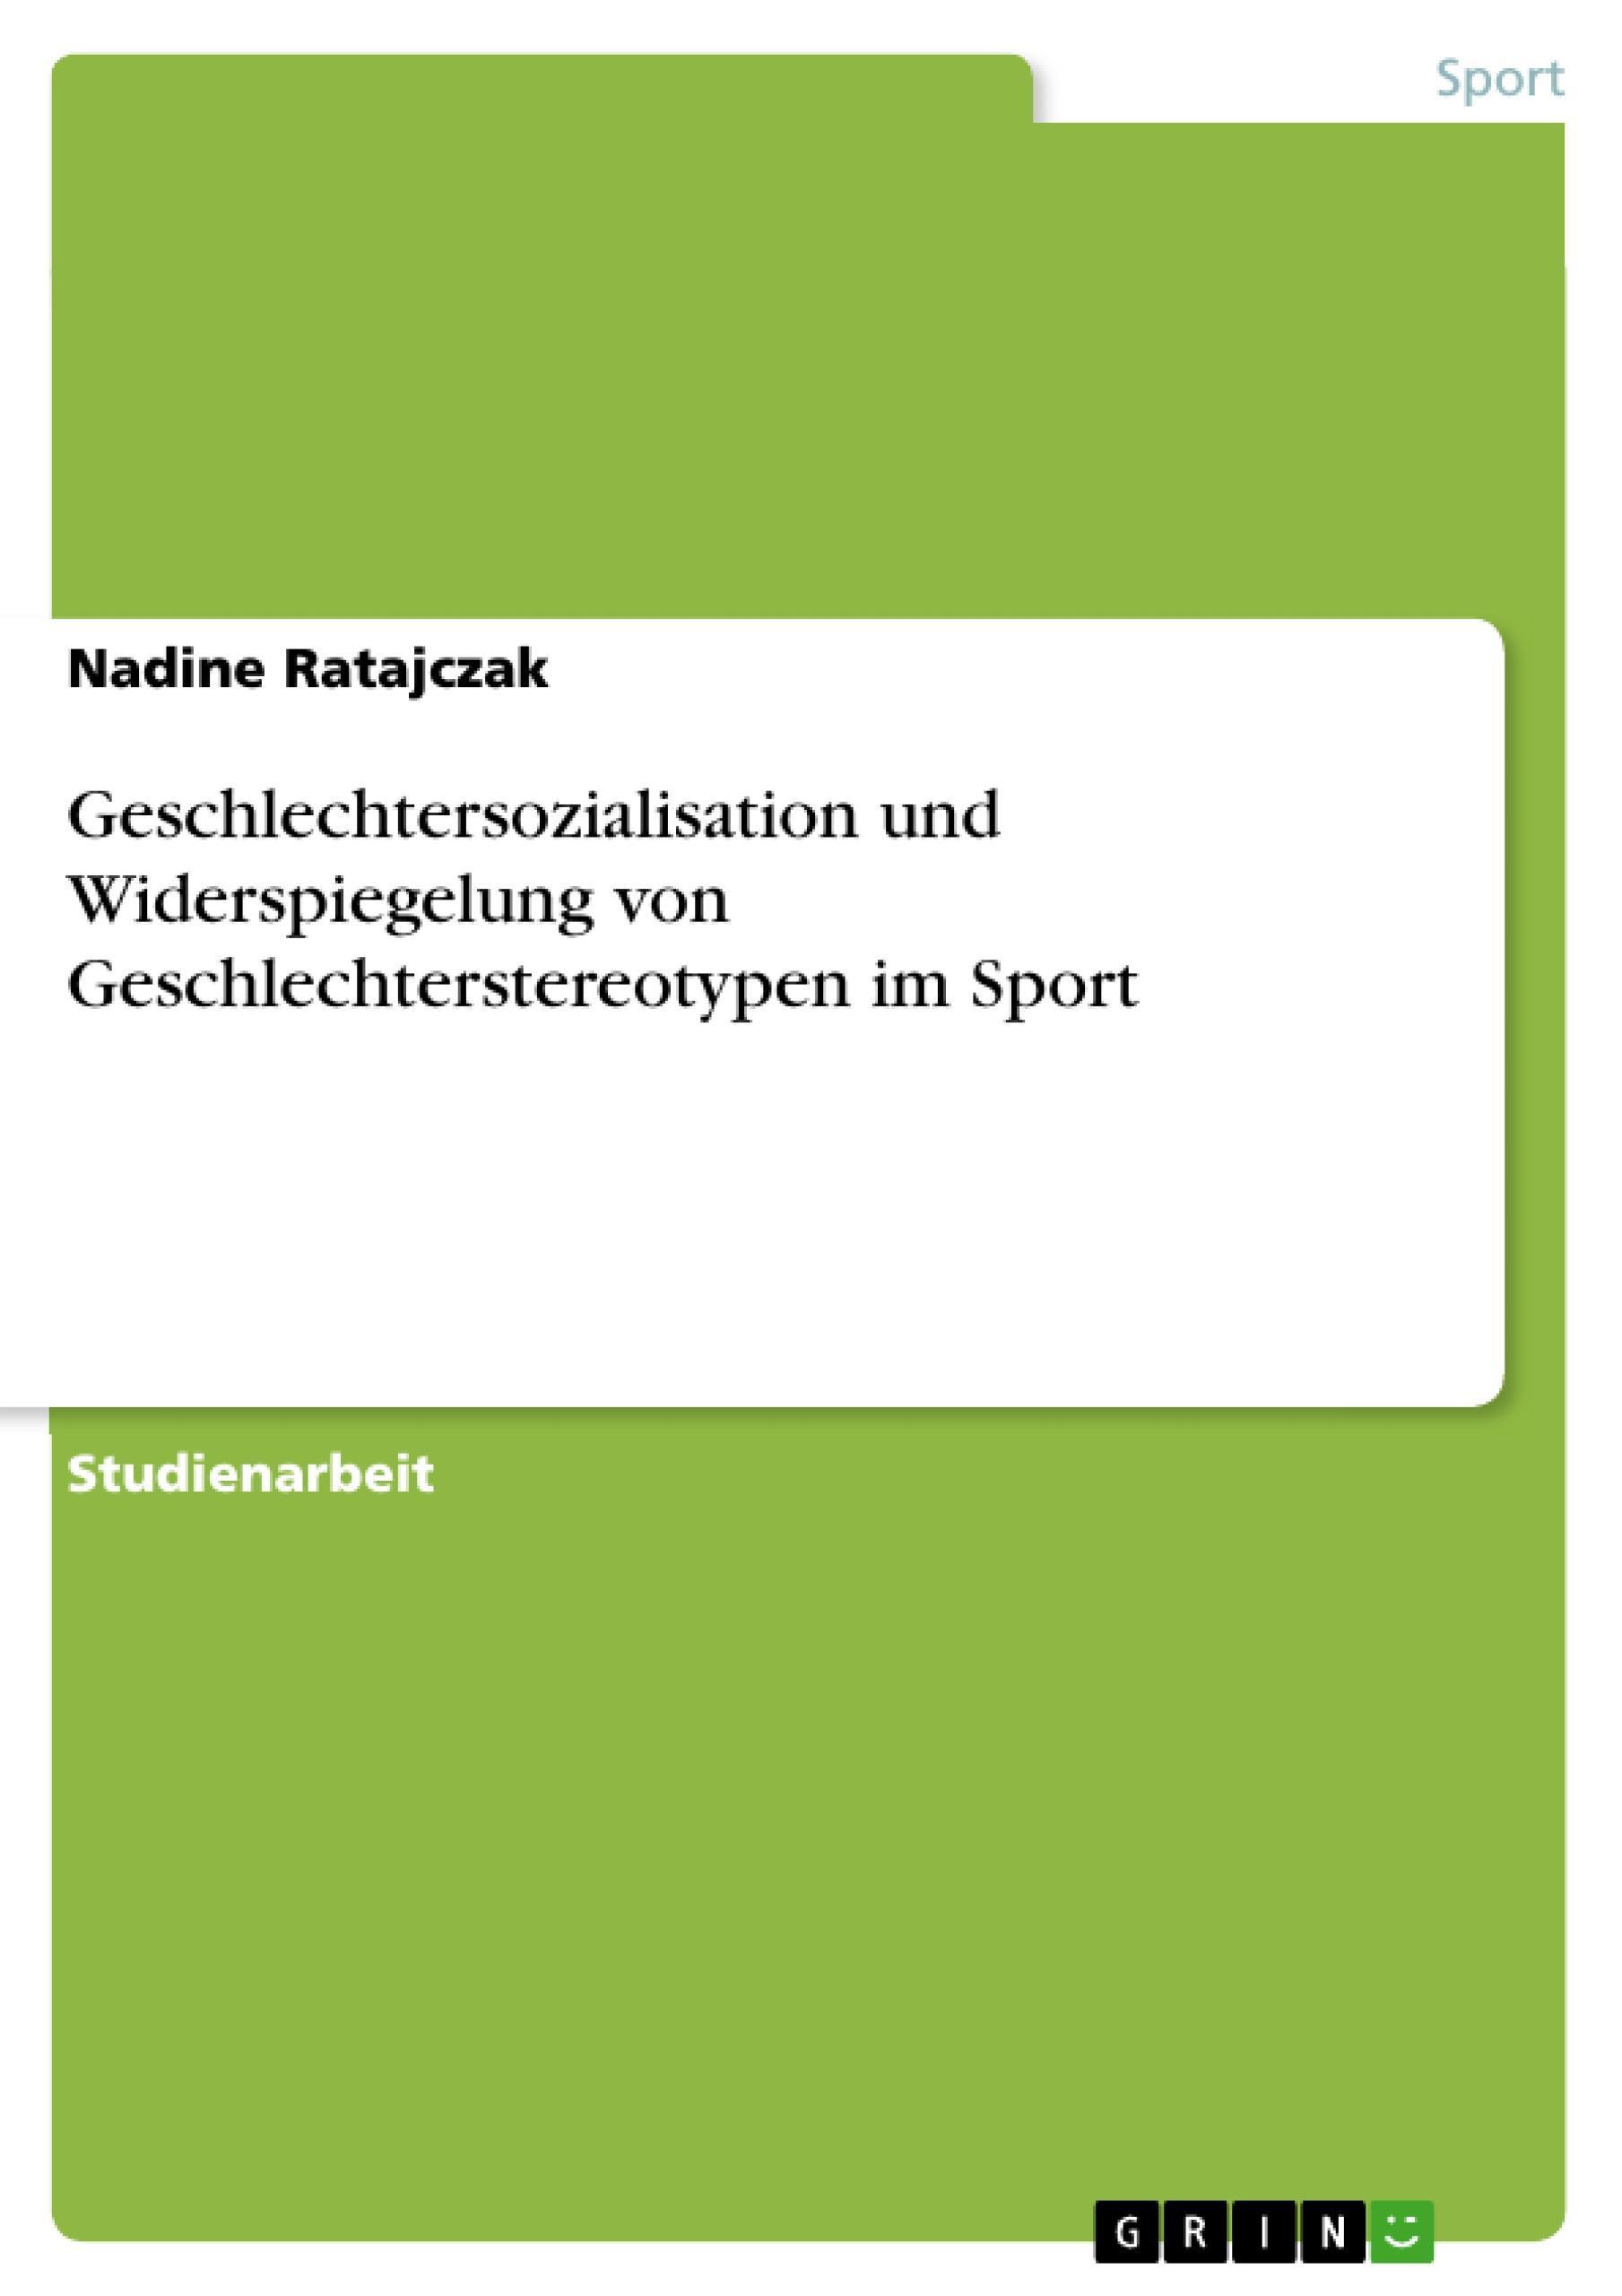 Geschlechtersozialisation und Widerspiegelung von Geschlechterstereotypen i ...